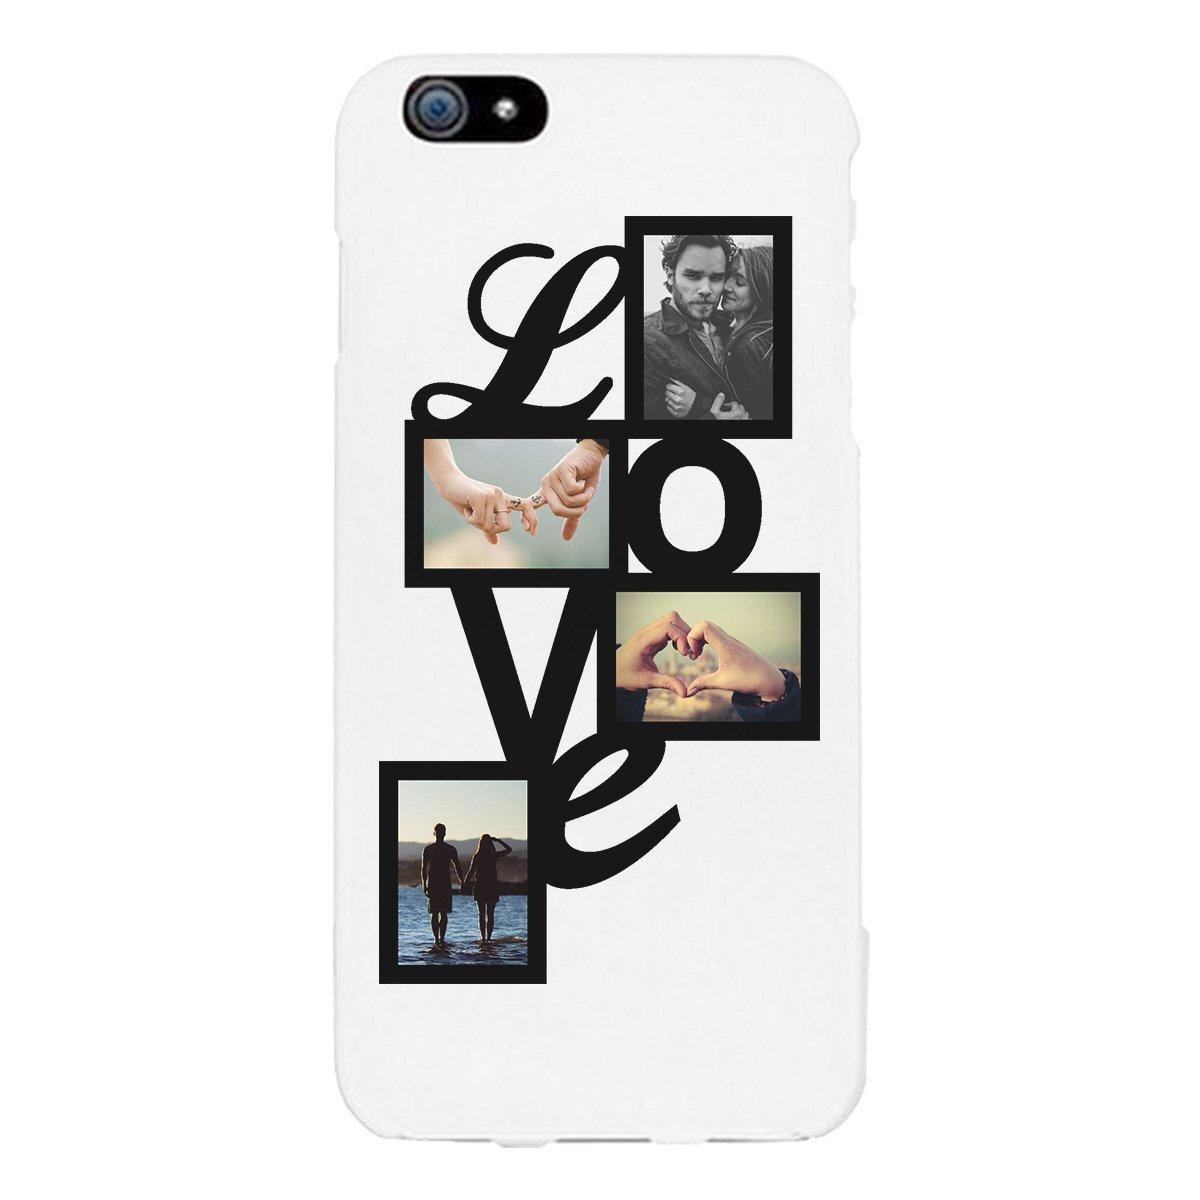 custom phone cases for iphone 6 plus